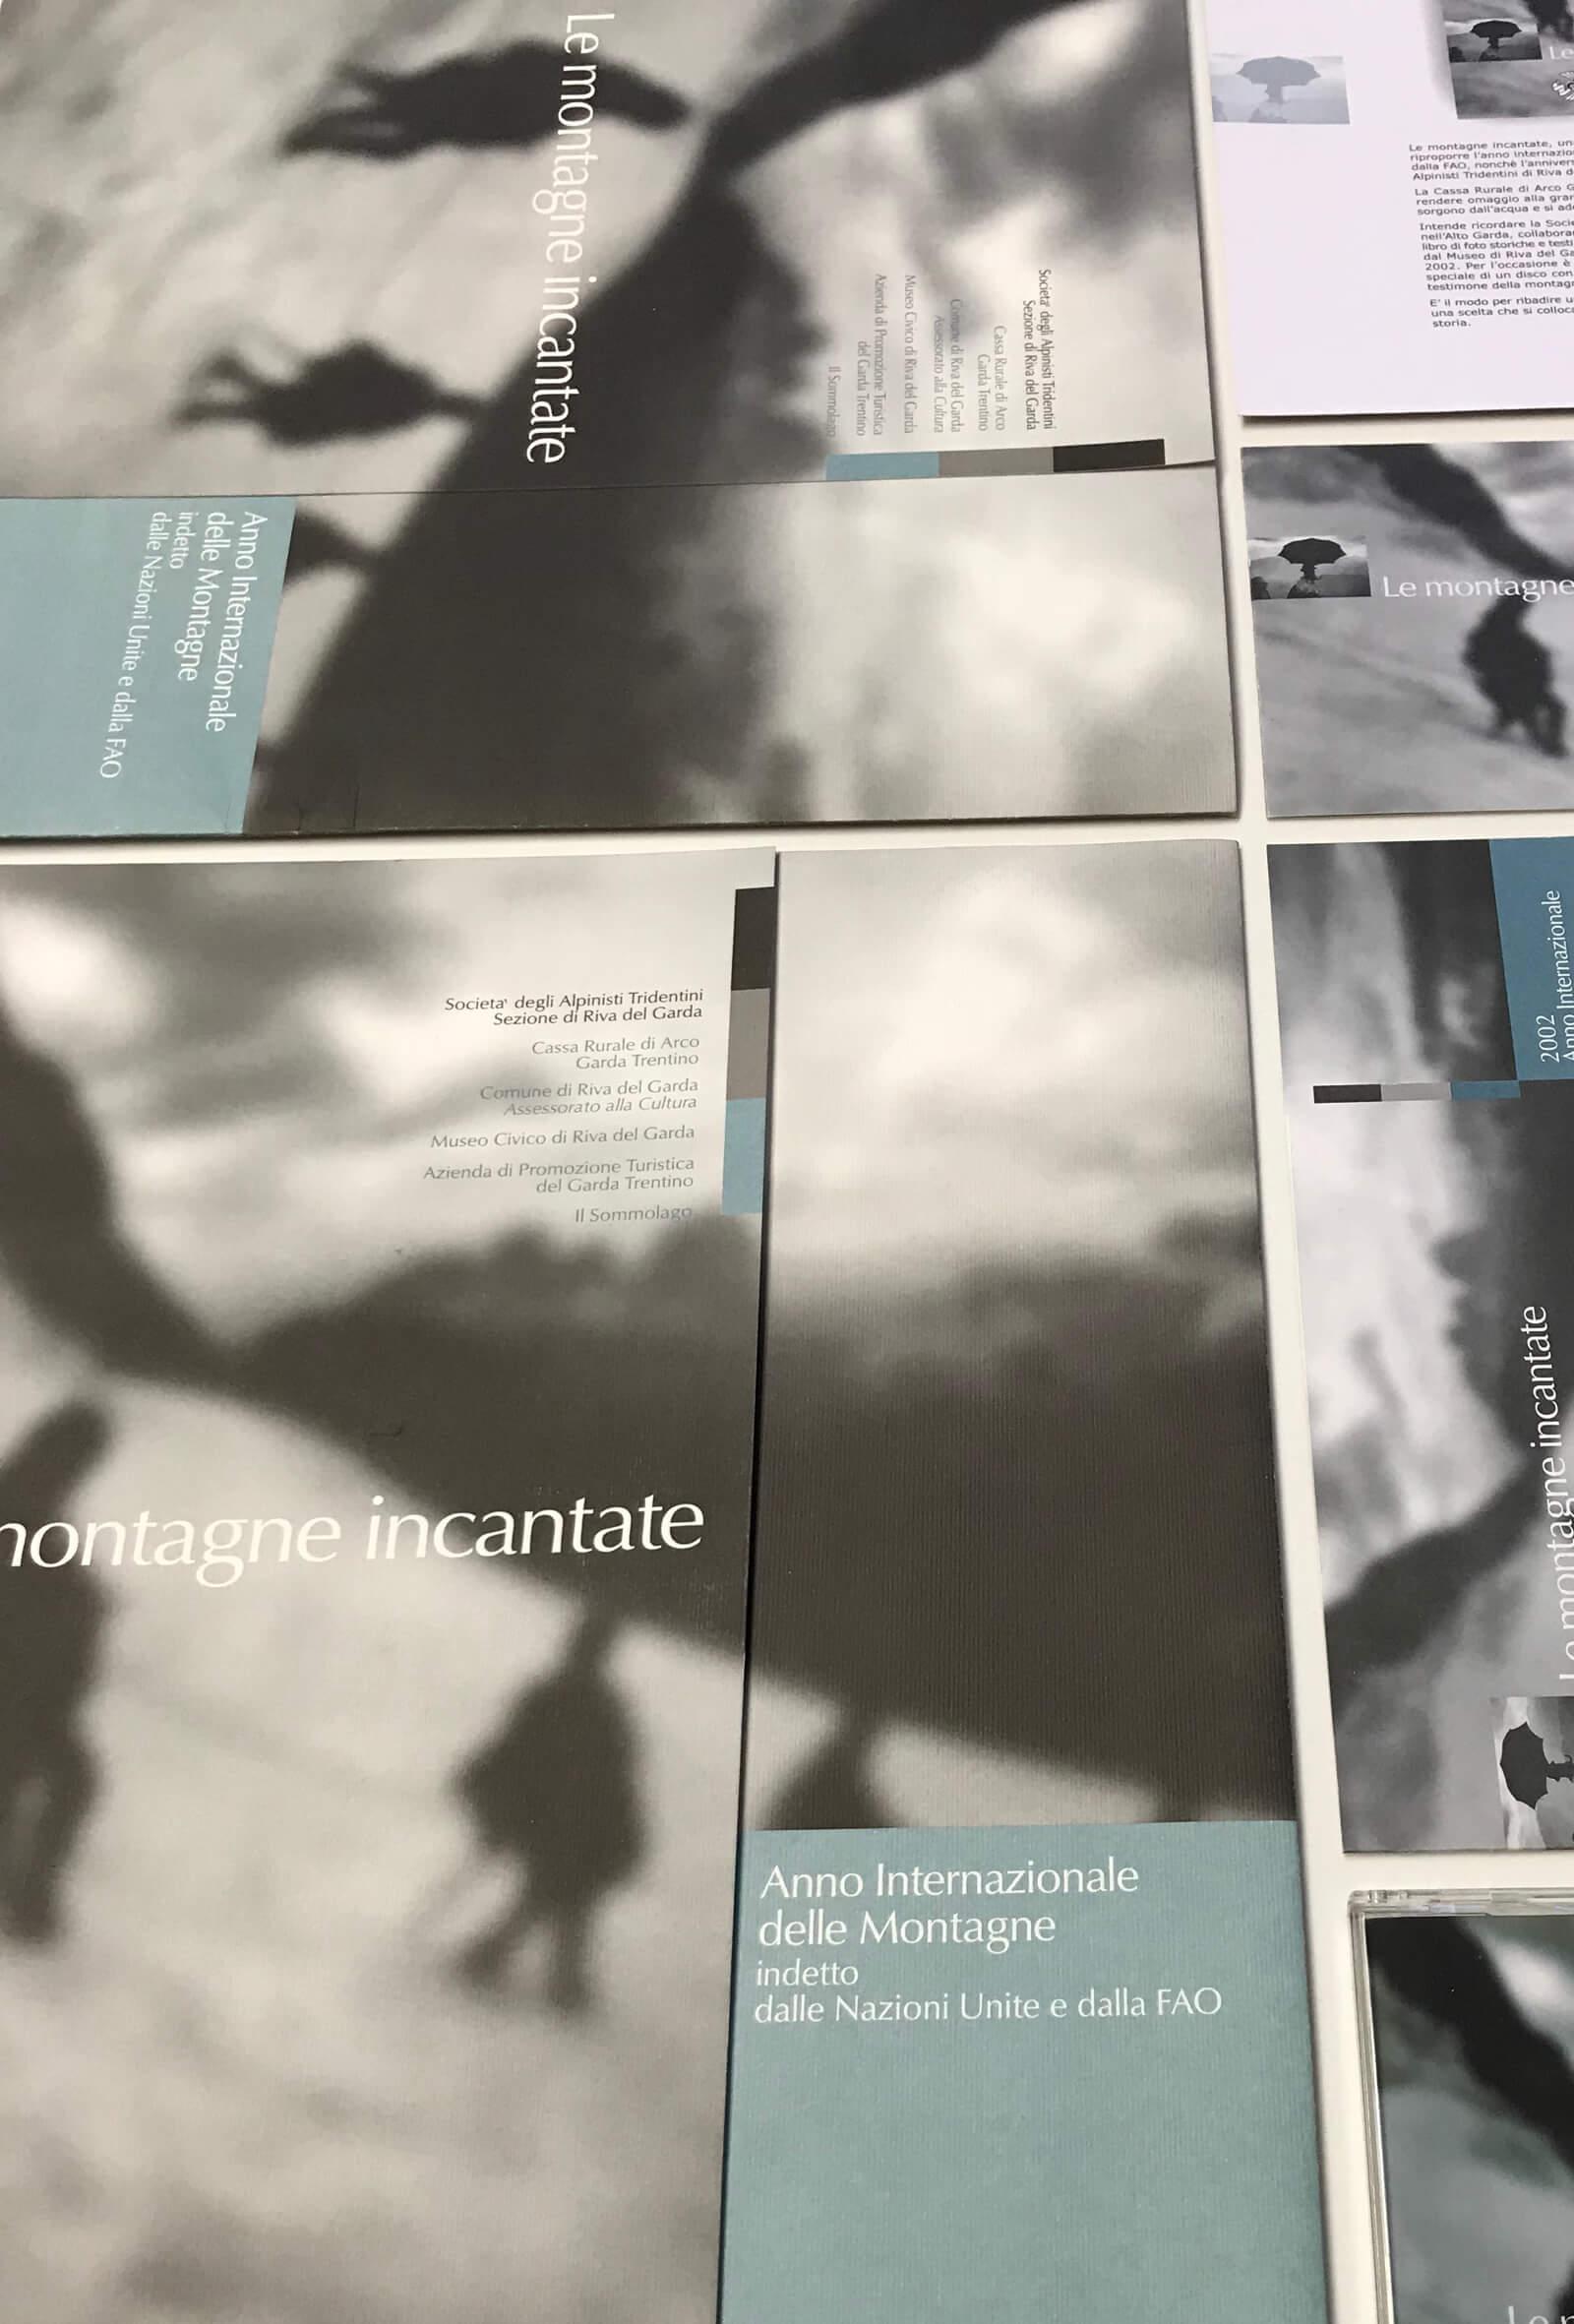 dettagli del progetto di immagine coordinata, realizzato per la rassegna -le montagne incantate- anno internazionale della montagna trento, ideato dalla agenzia di comunicazione diadestudio arco di trento